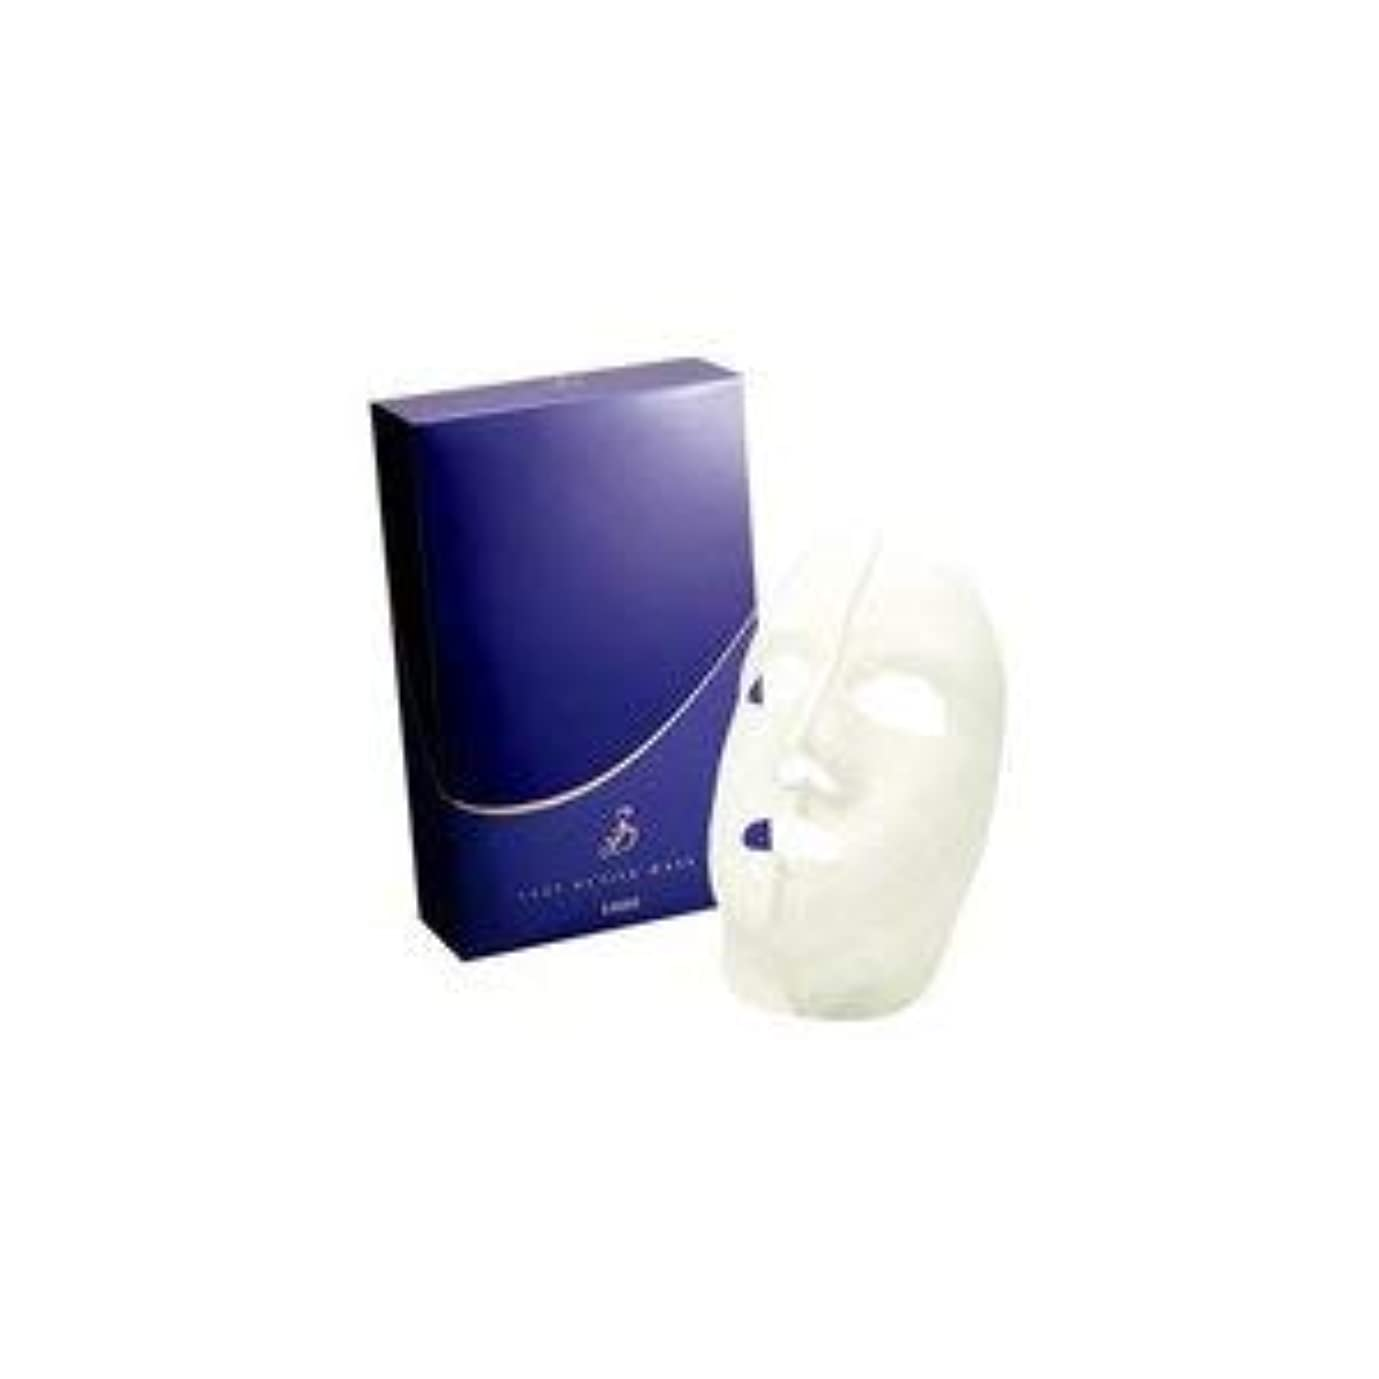 作曲するクマノミ早熟ダイアナ ディアナージュ 3D ファストアクティブマスク Ⅱ 30ml×6枚入り Diana